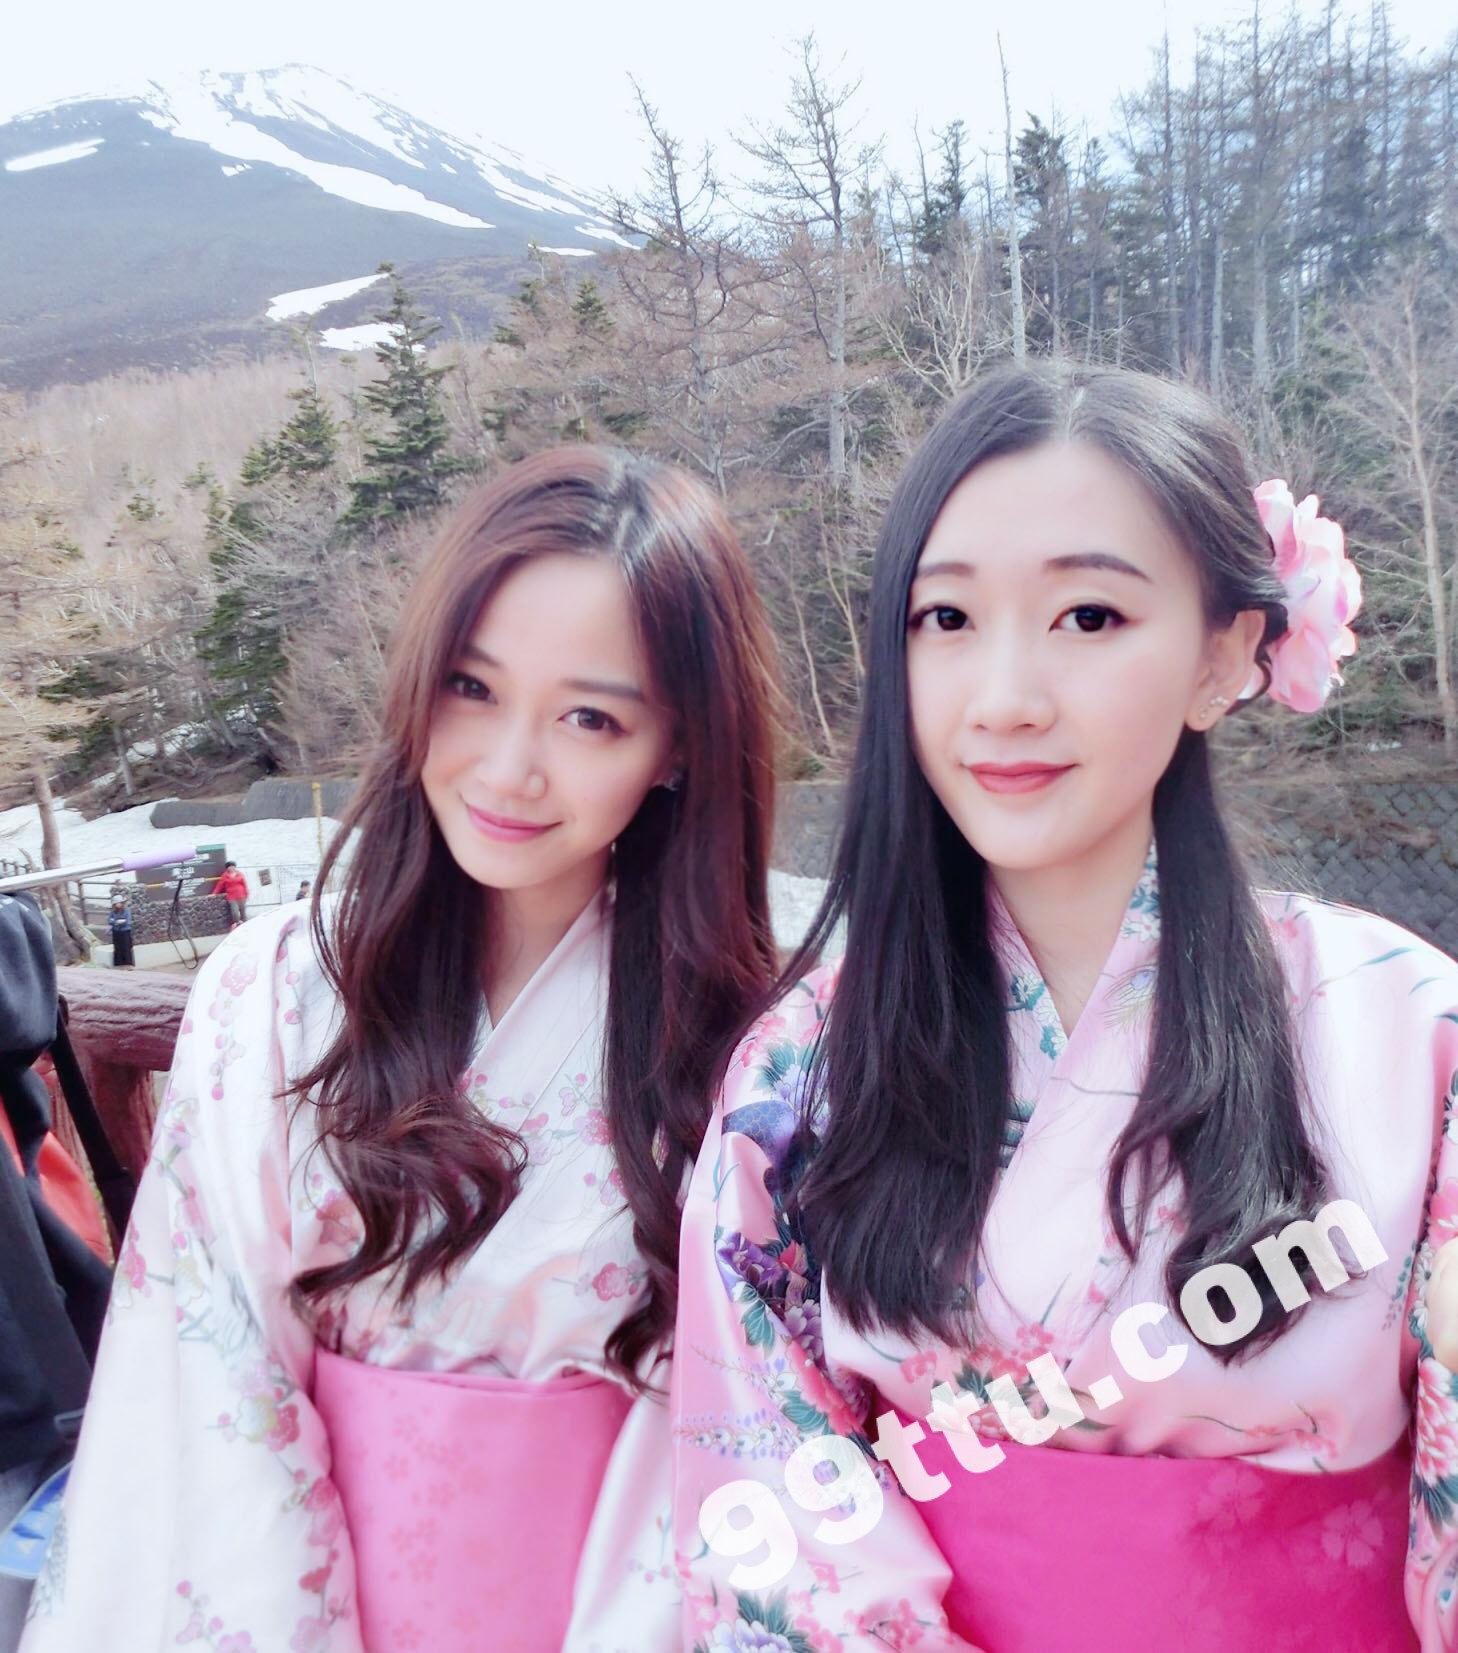 KK41 514张 气质时尚美女素颜生活照套图-9